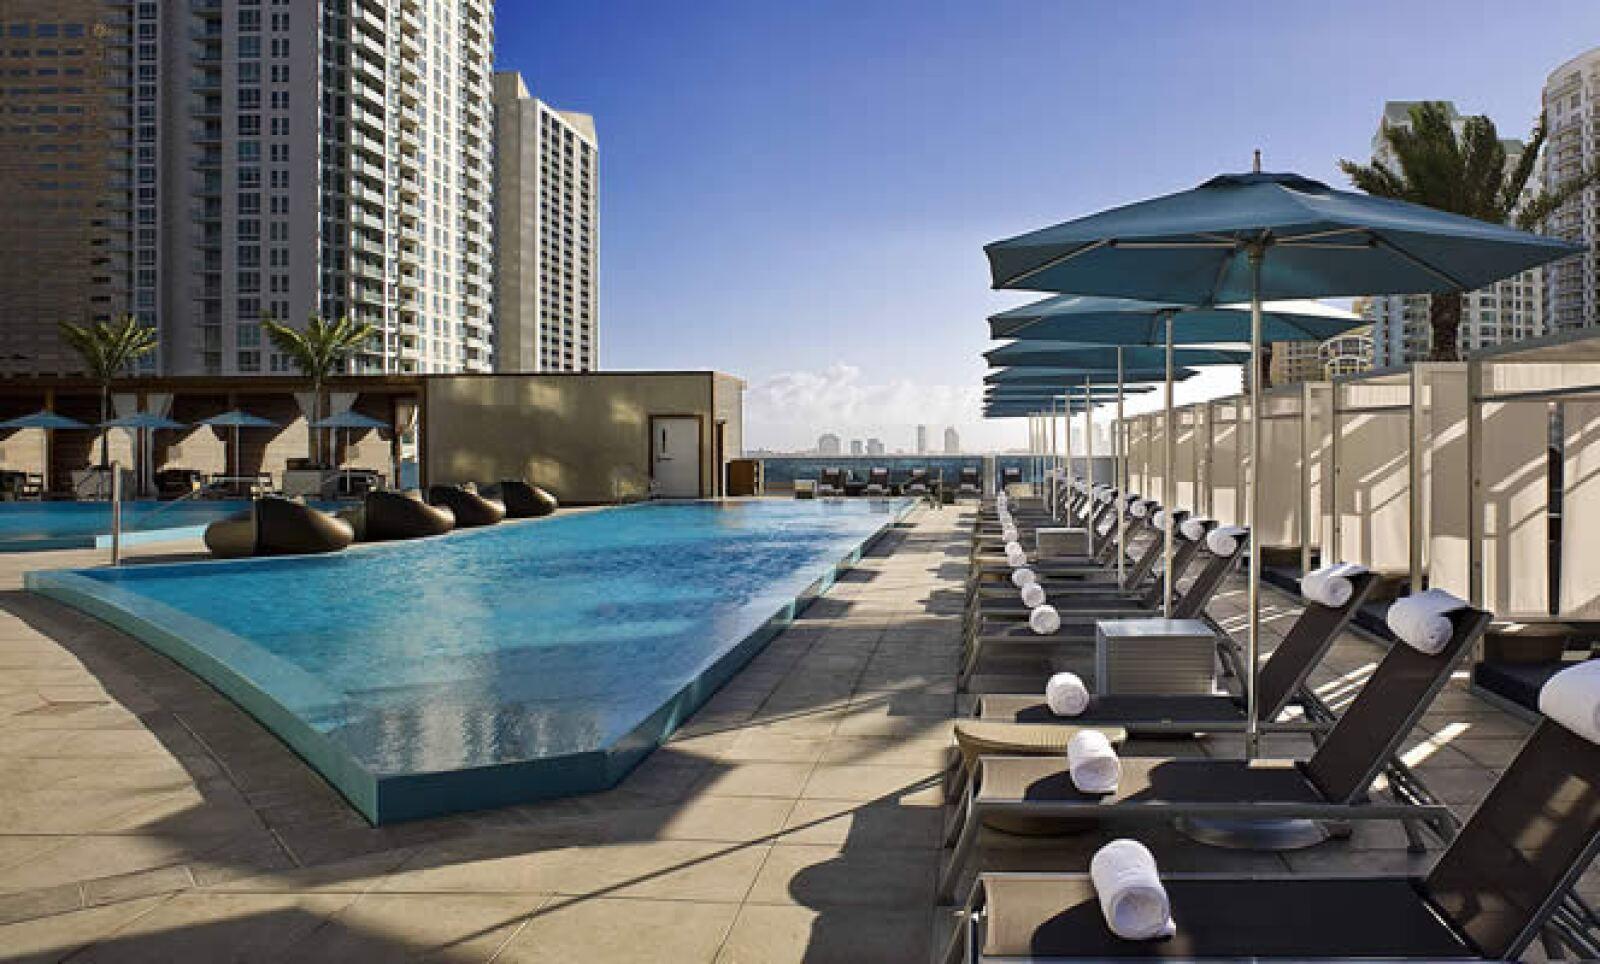 El hotel EPIC está ubicado en 270 Biscayne Blvd Way de Miami. Para mayor información visita www.epichotel.com.